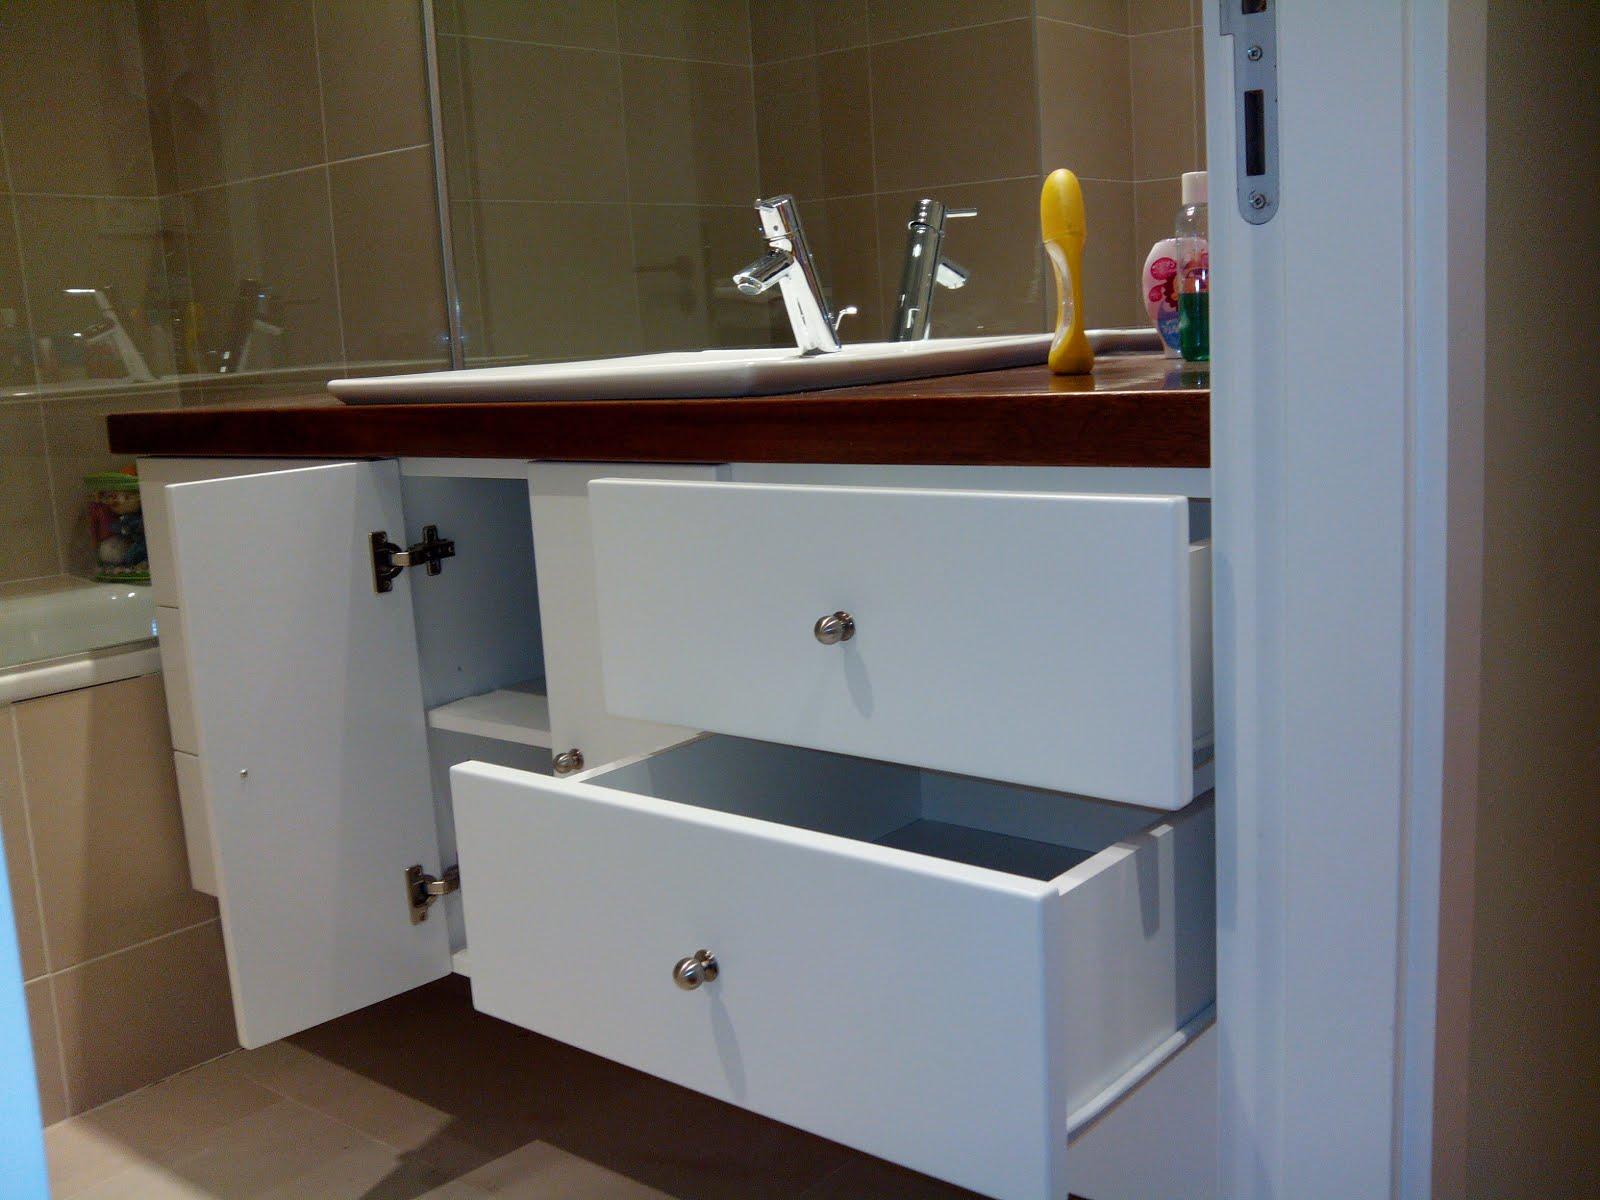 Mueble bajo lavabo lacado en blanco muebles cansado for Mueble lavabo